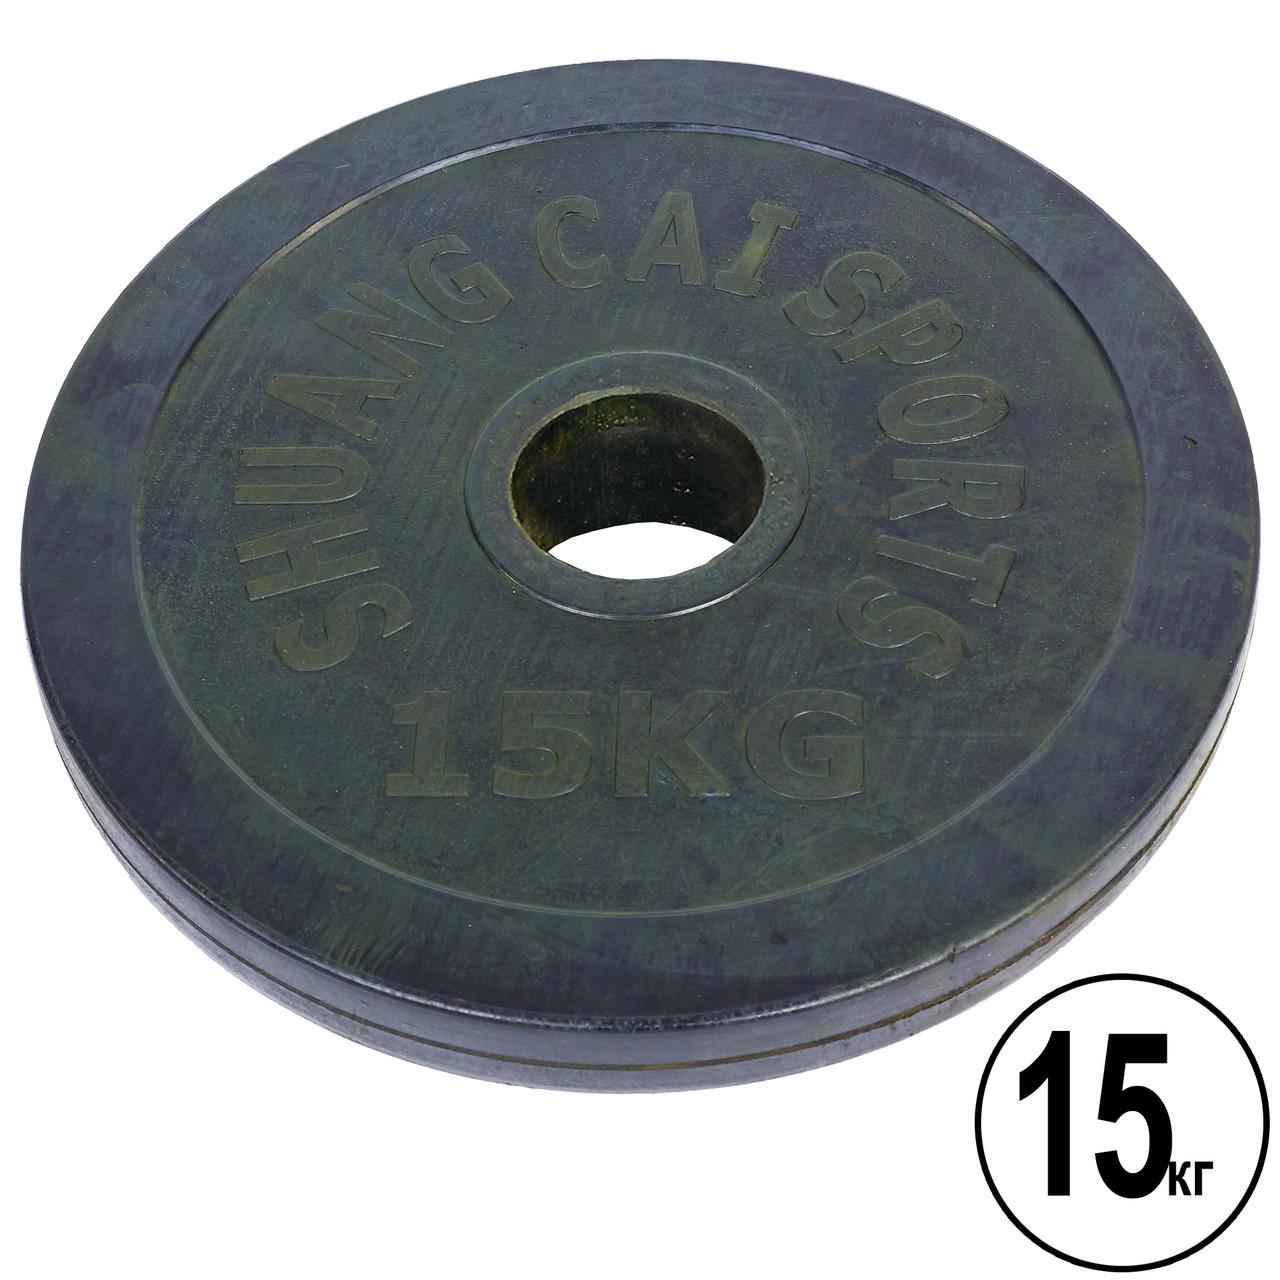 Диски обгумовані 15  кг d-52мм TA-1448-15 (пара)